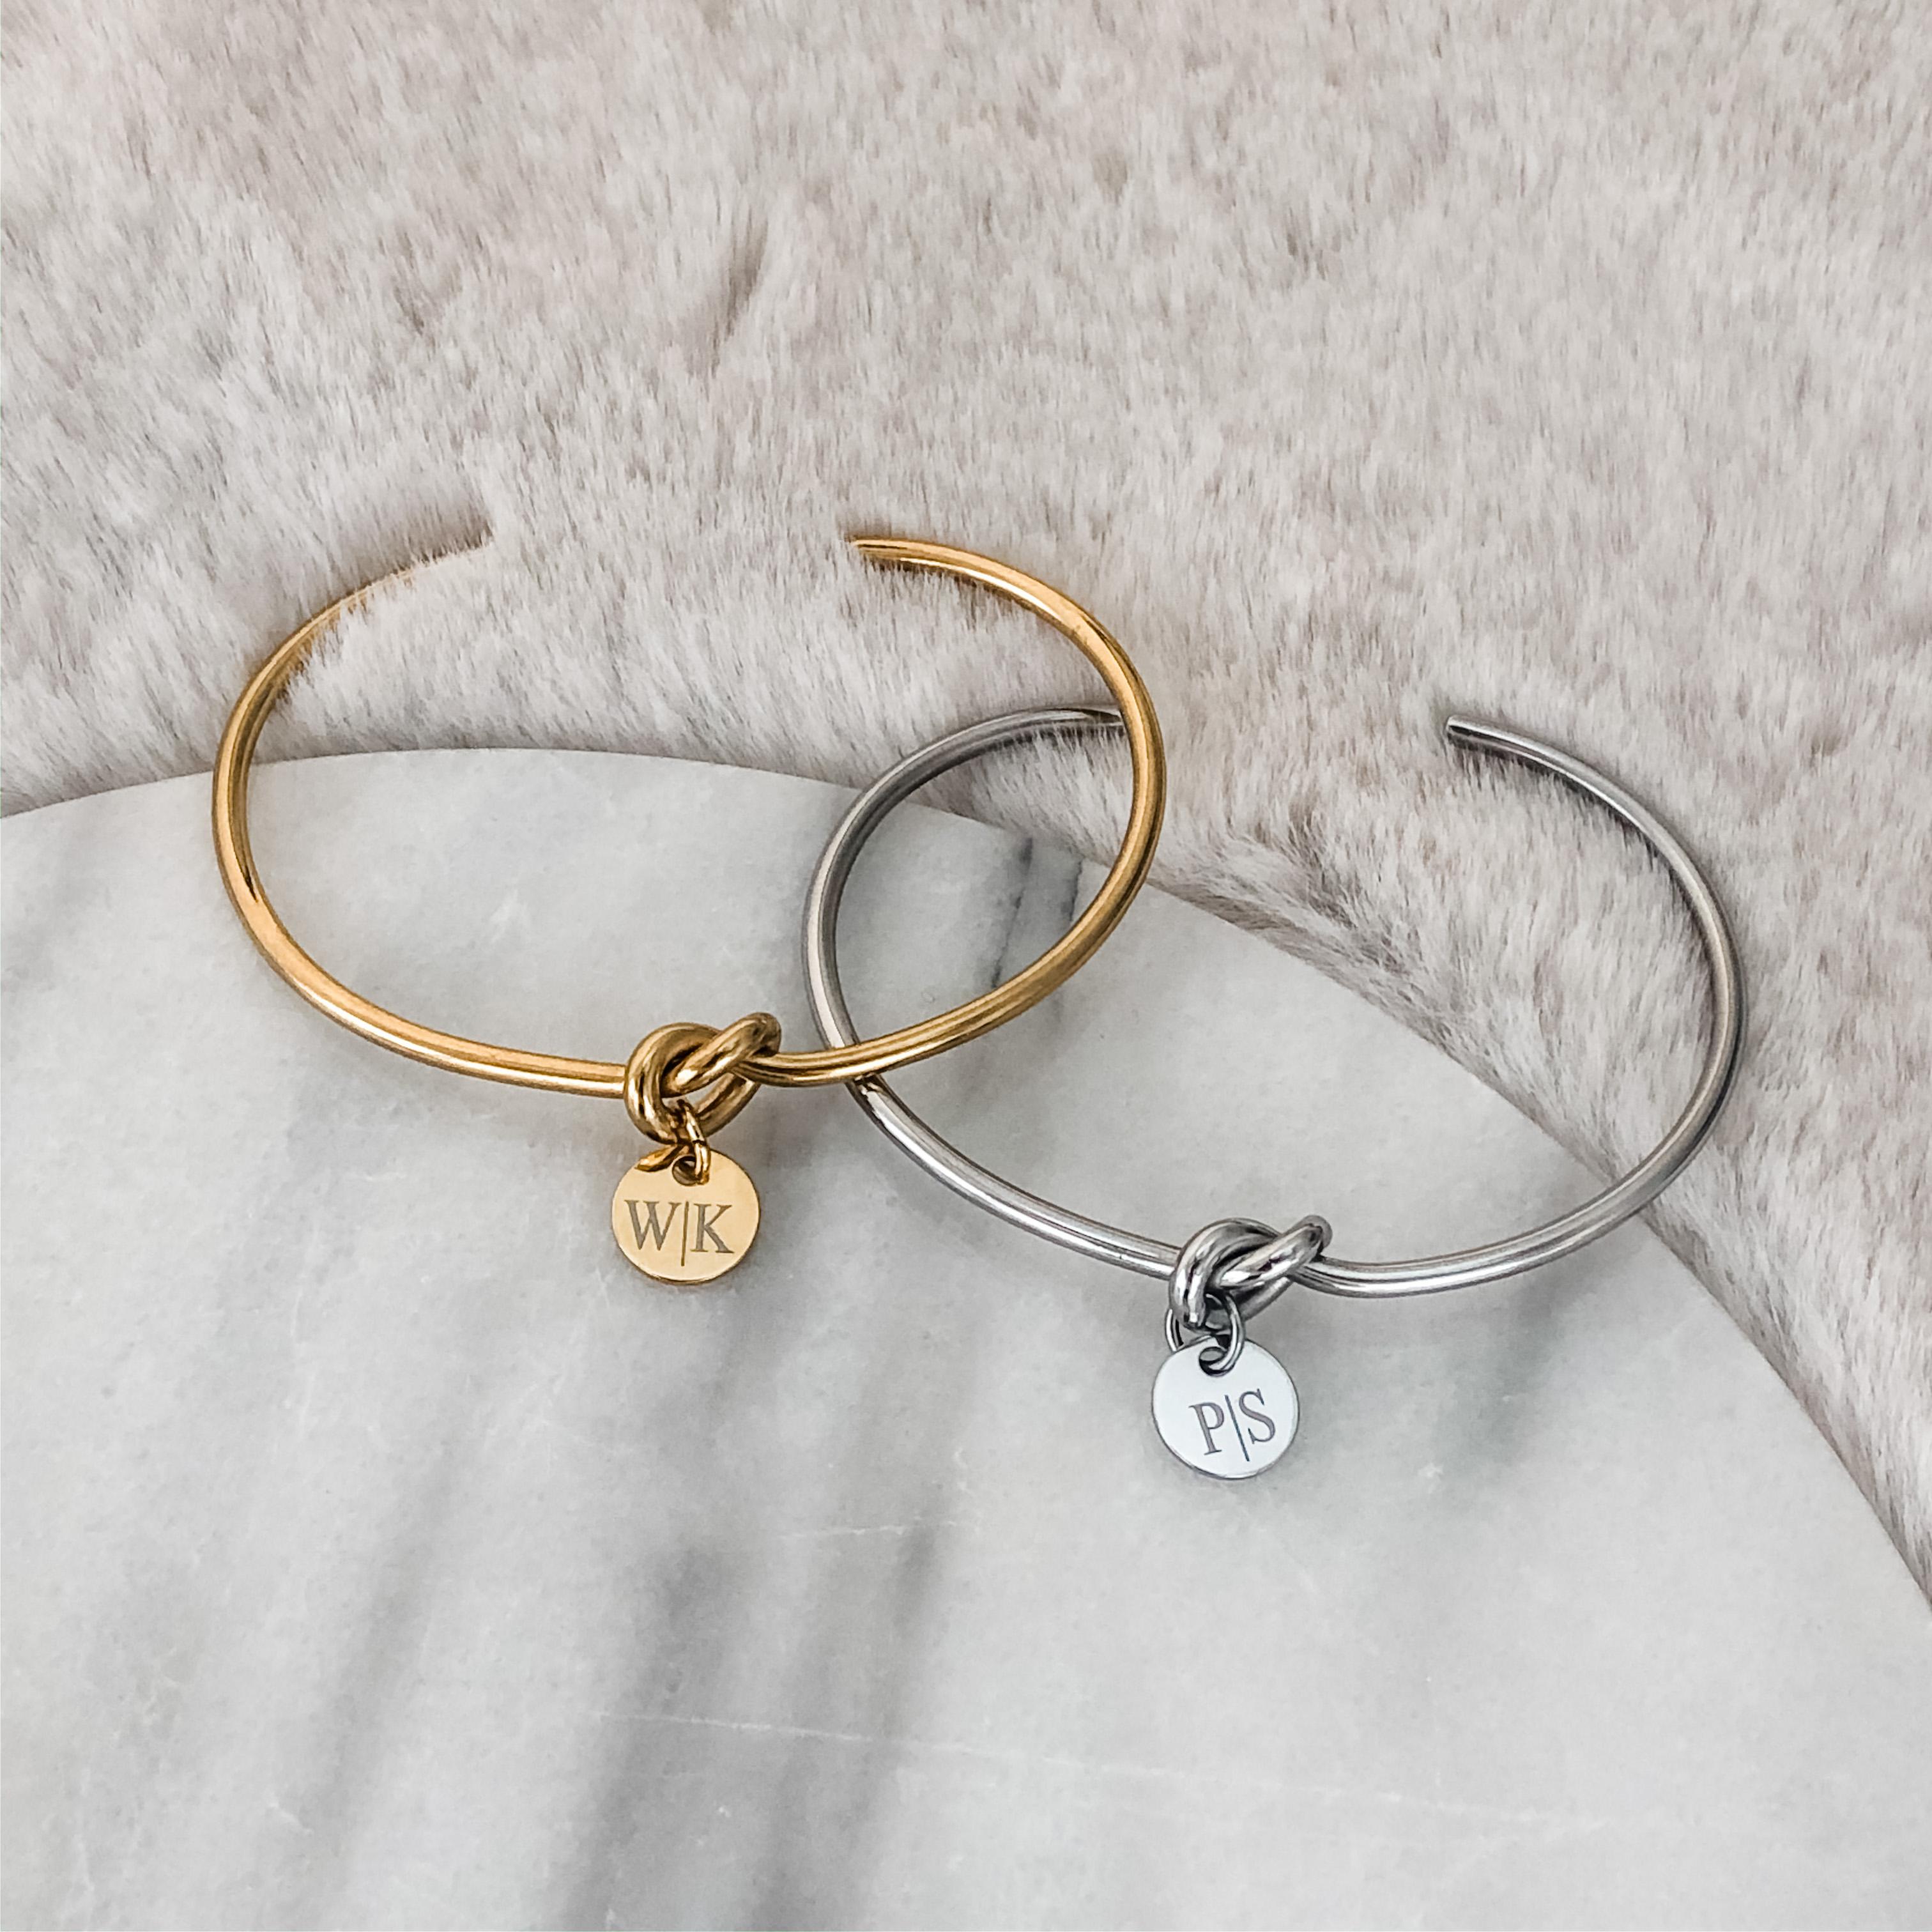 Knoop armband in het goud en zilver op een marmeren plaatje